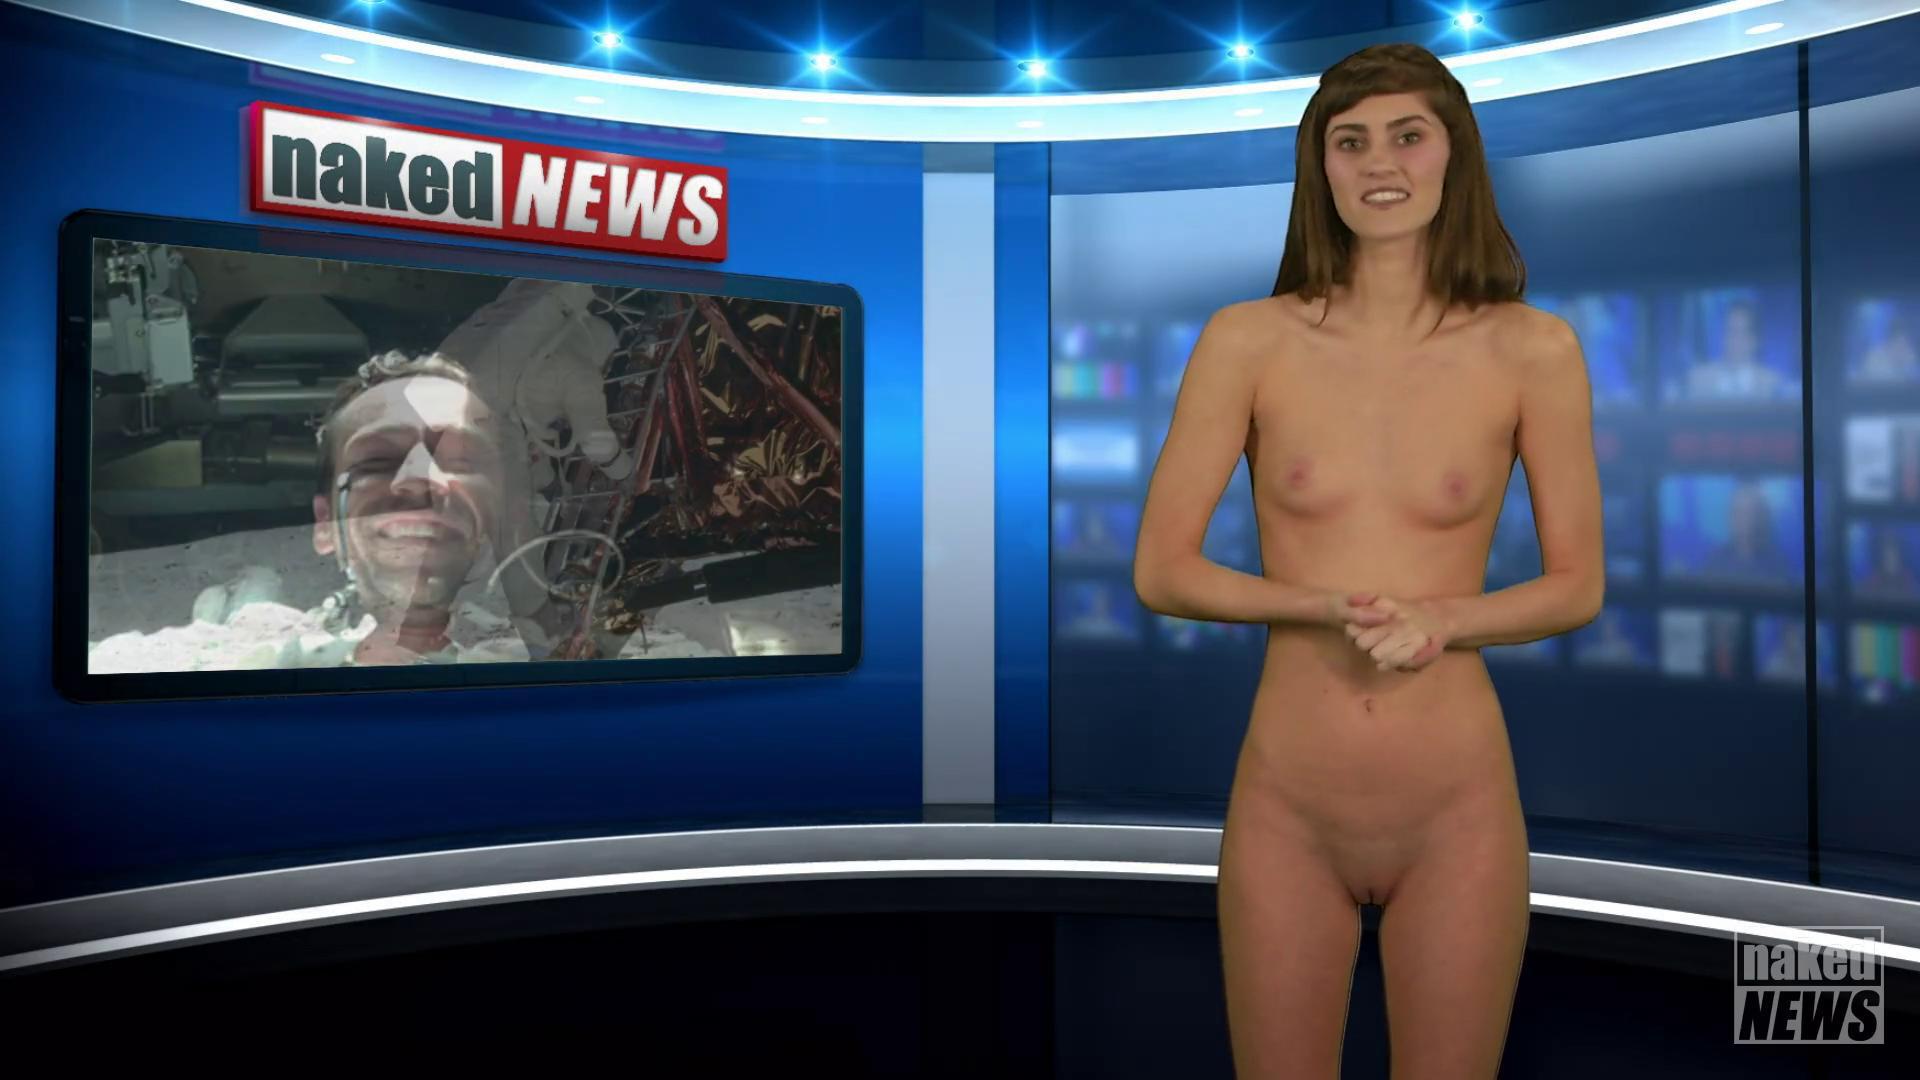 Naked news anchor big boobs